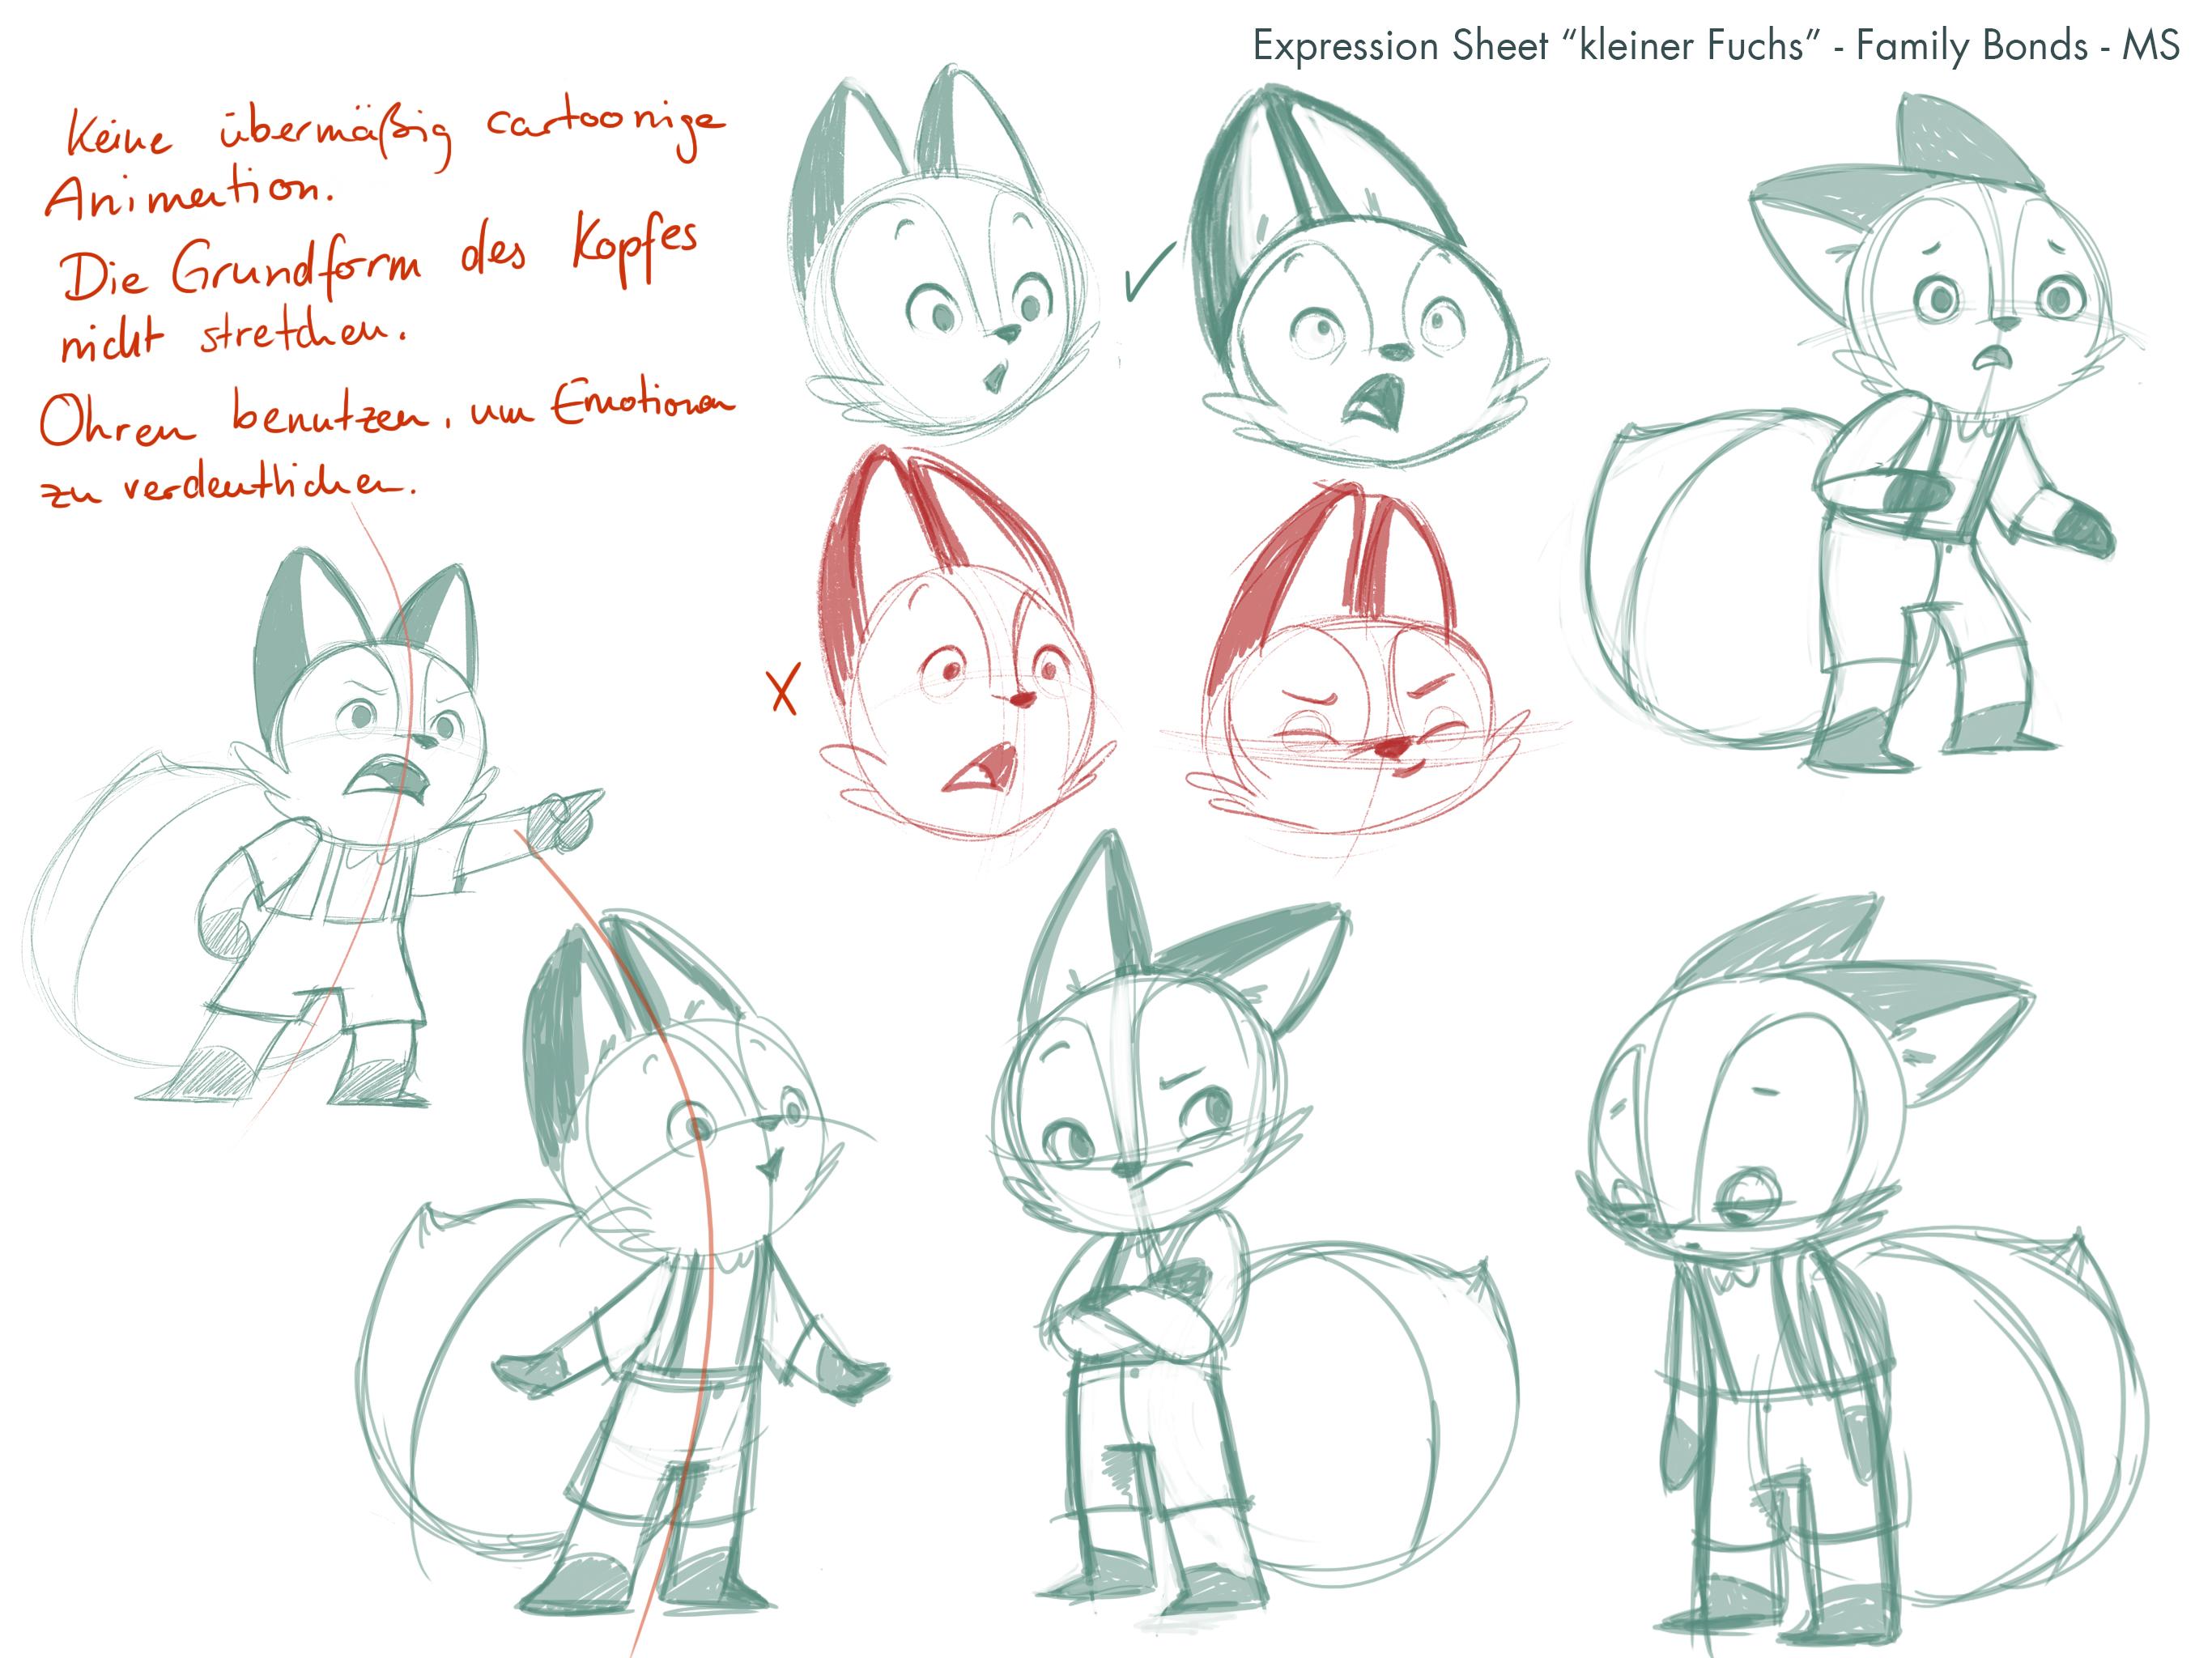 Expressionsheet-kleiner-Fuchs